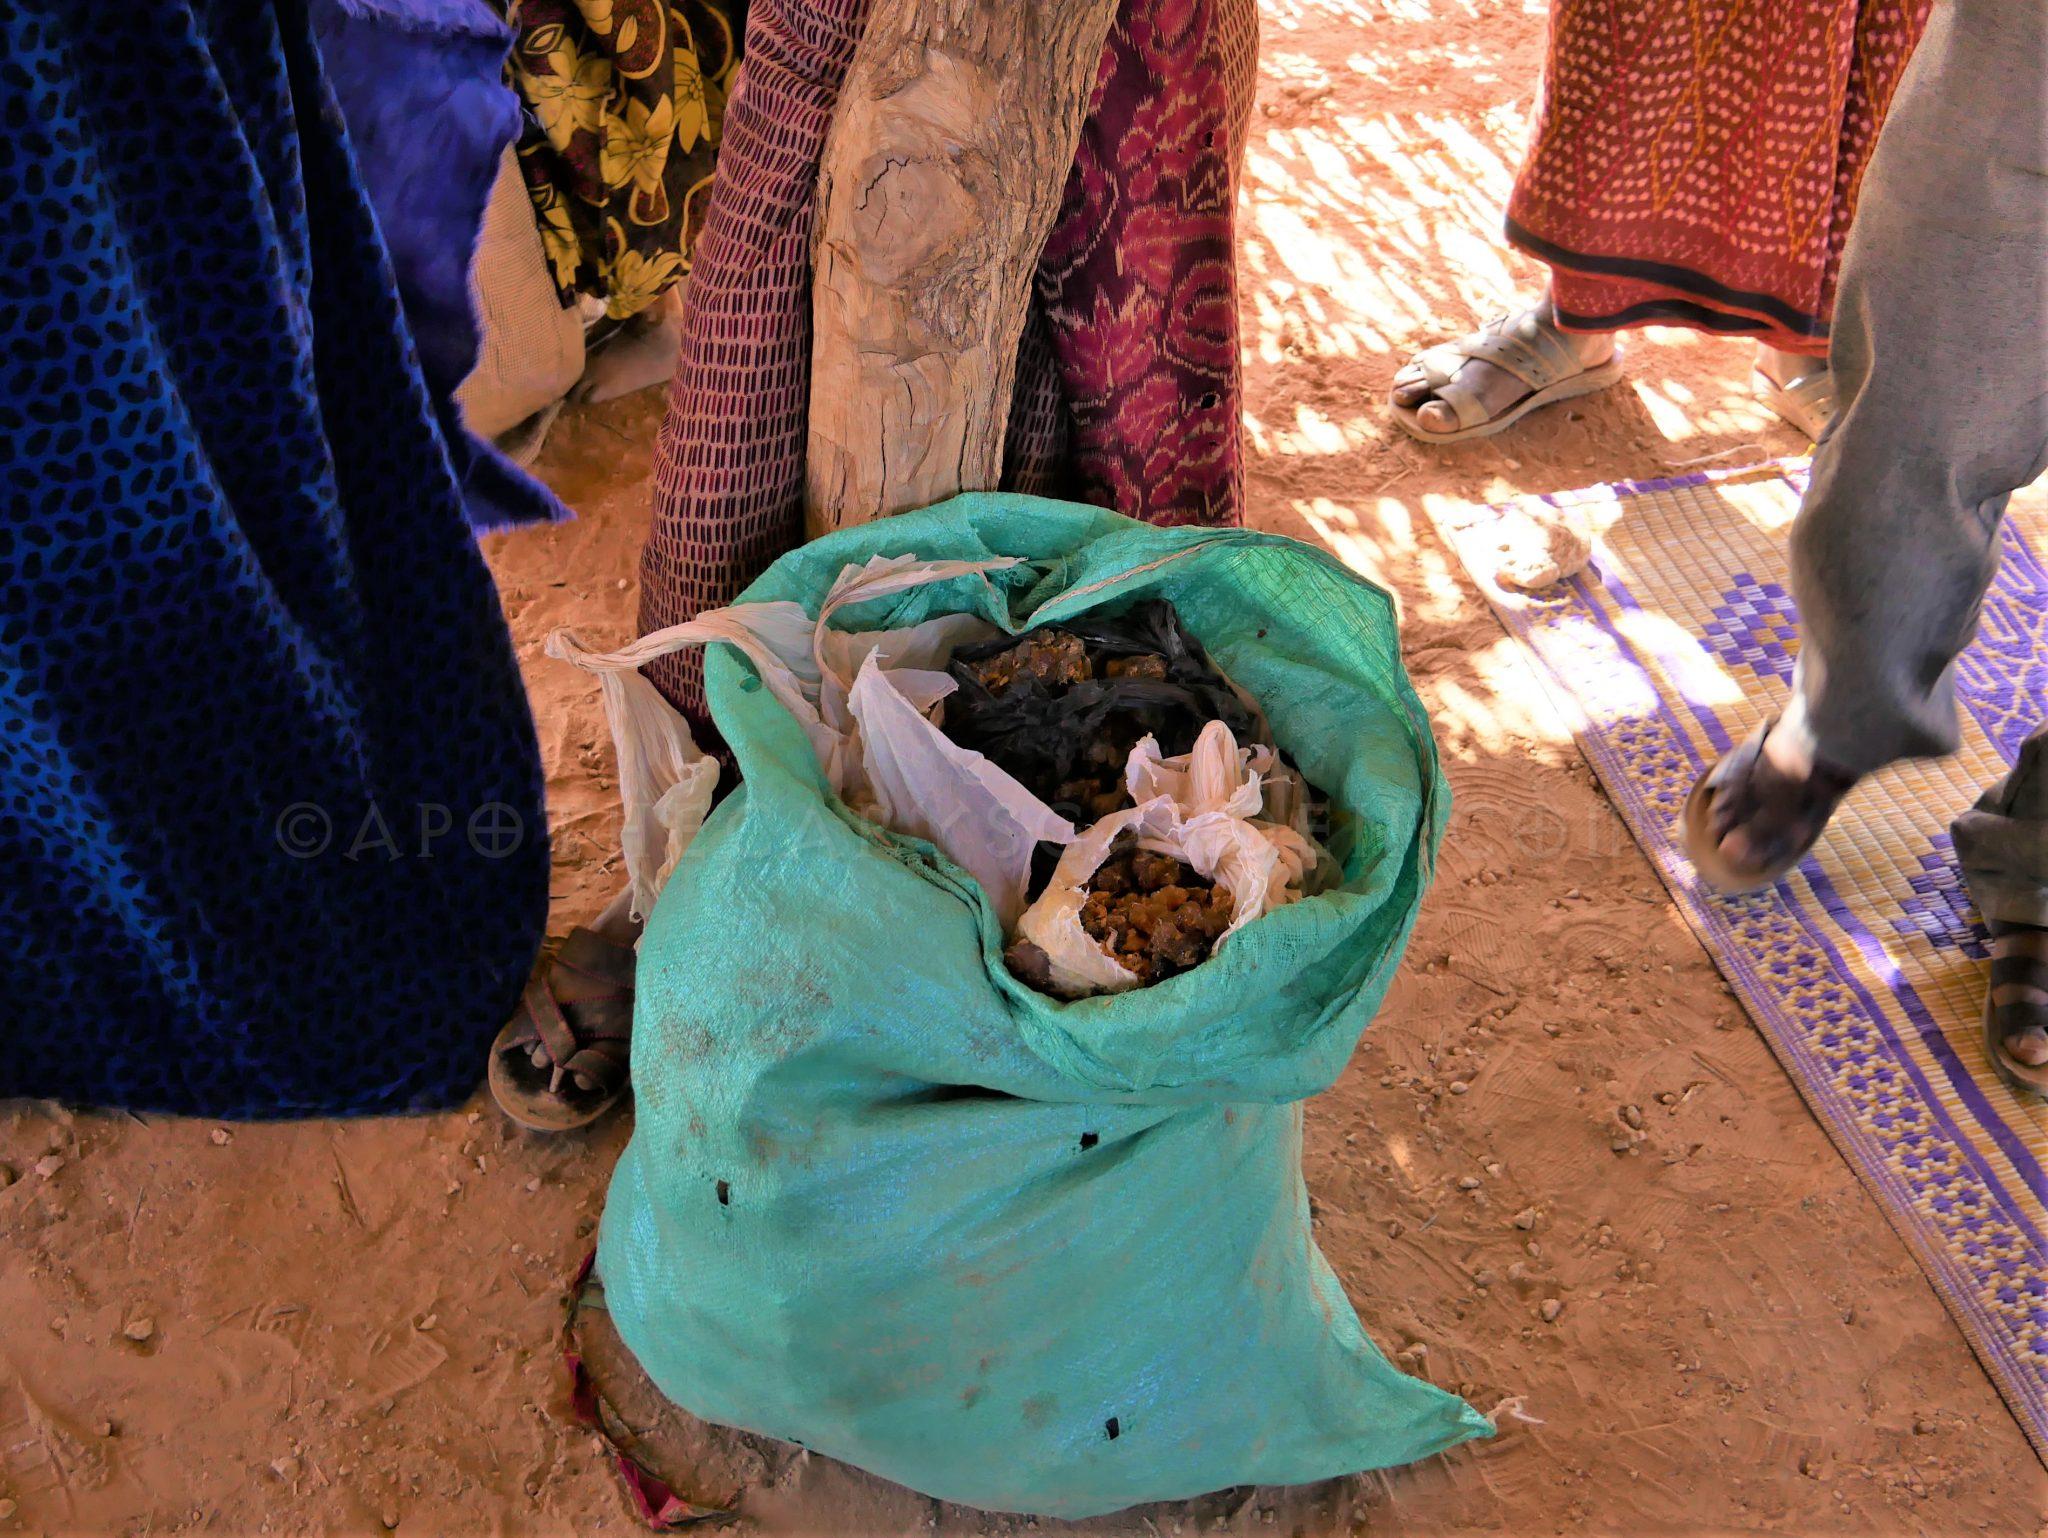 Freshly collected Myrrh-Godey, Somali Region Ethiopia